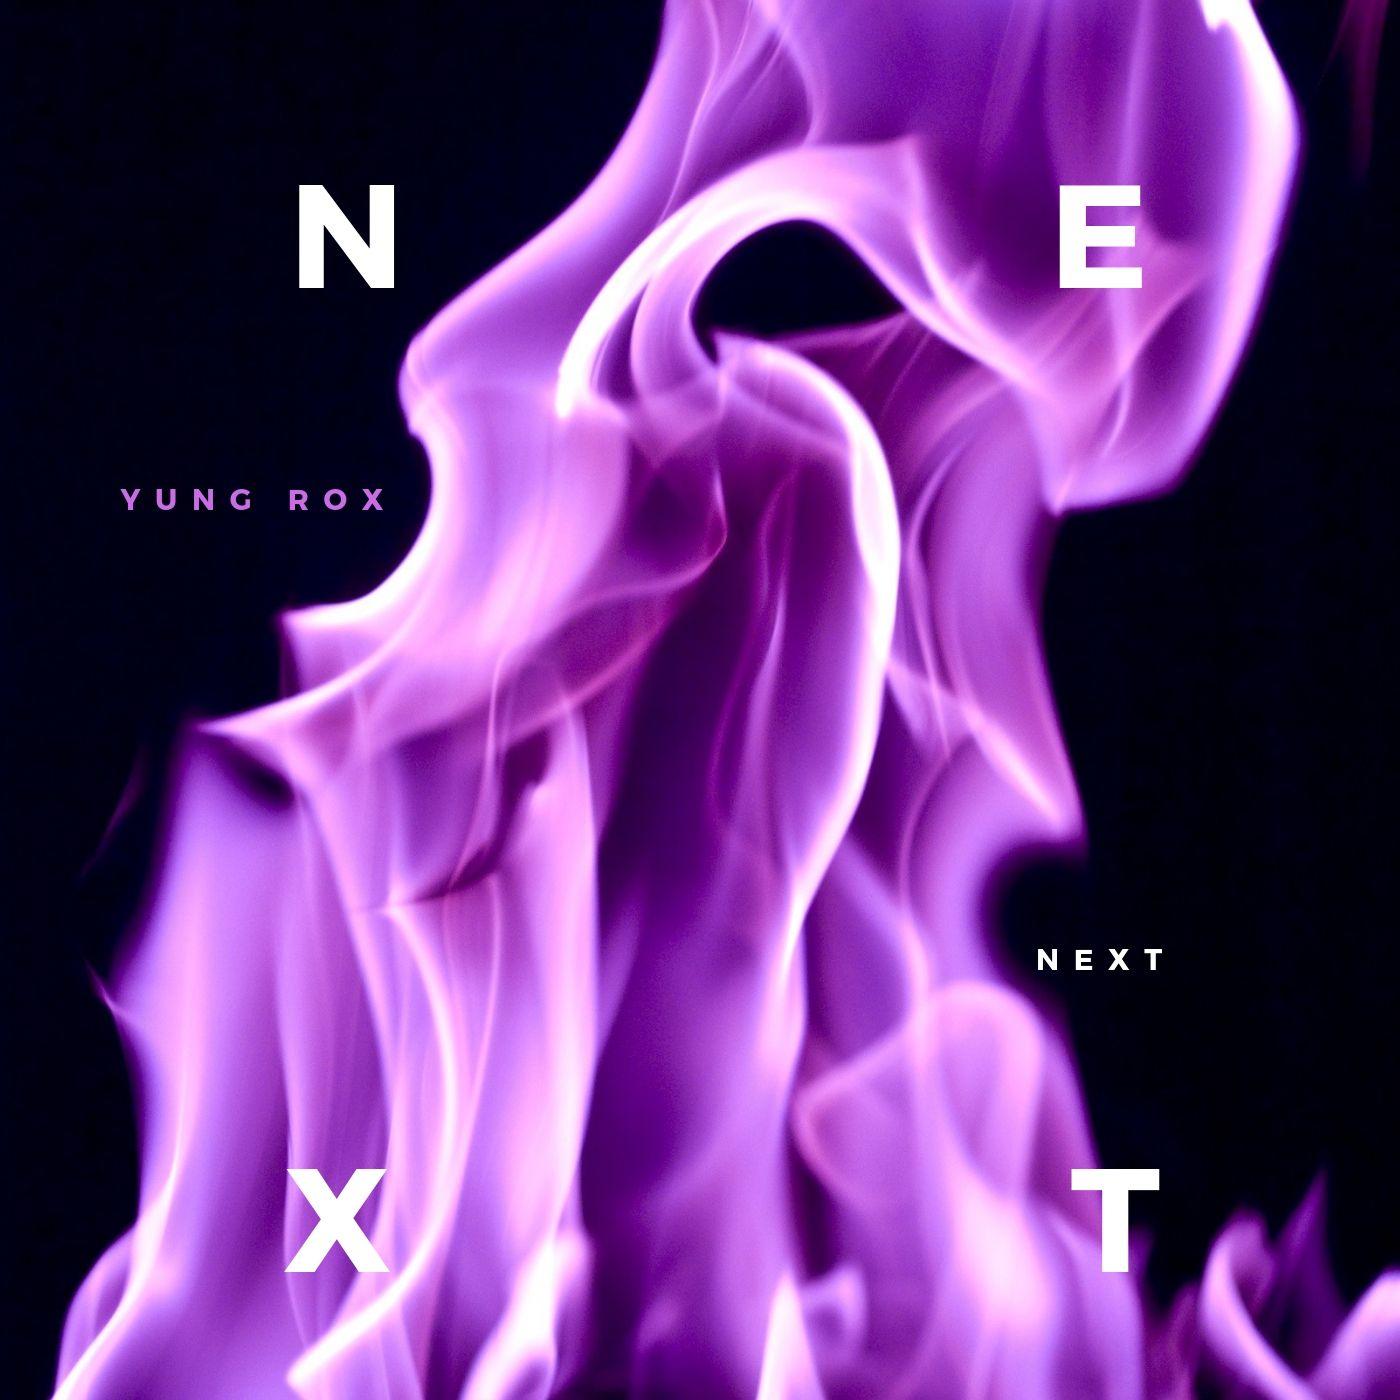 Upcoming: Yung Rox - NEXt